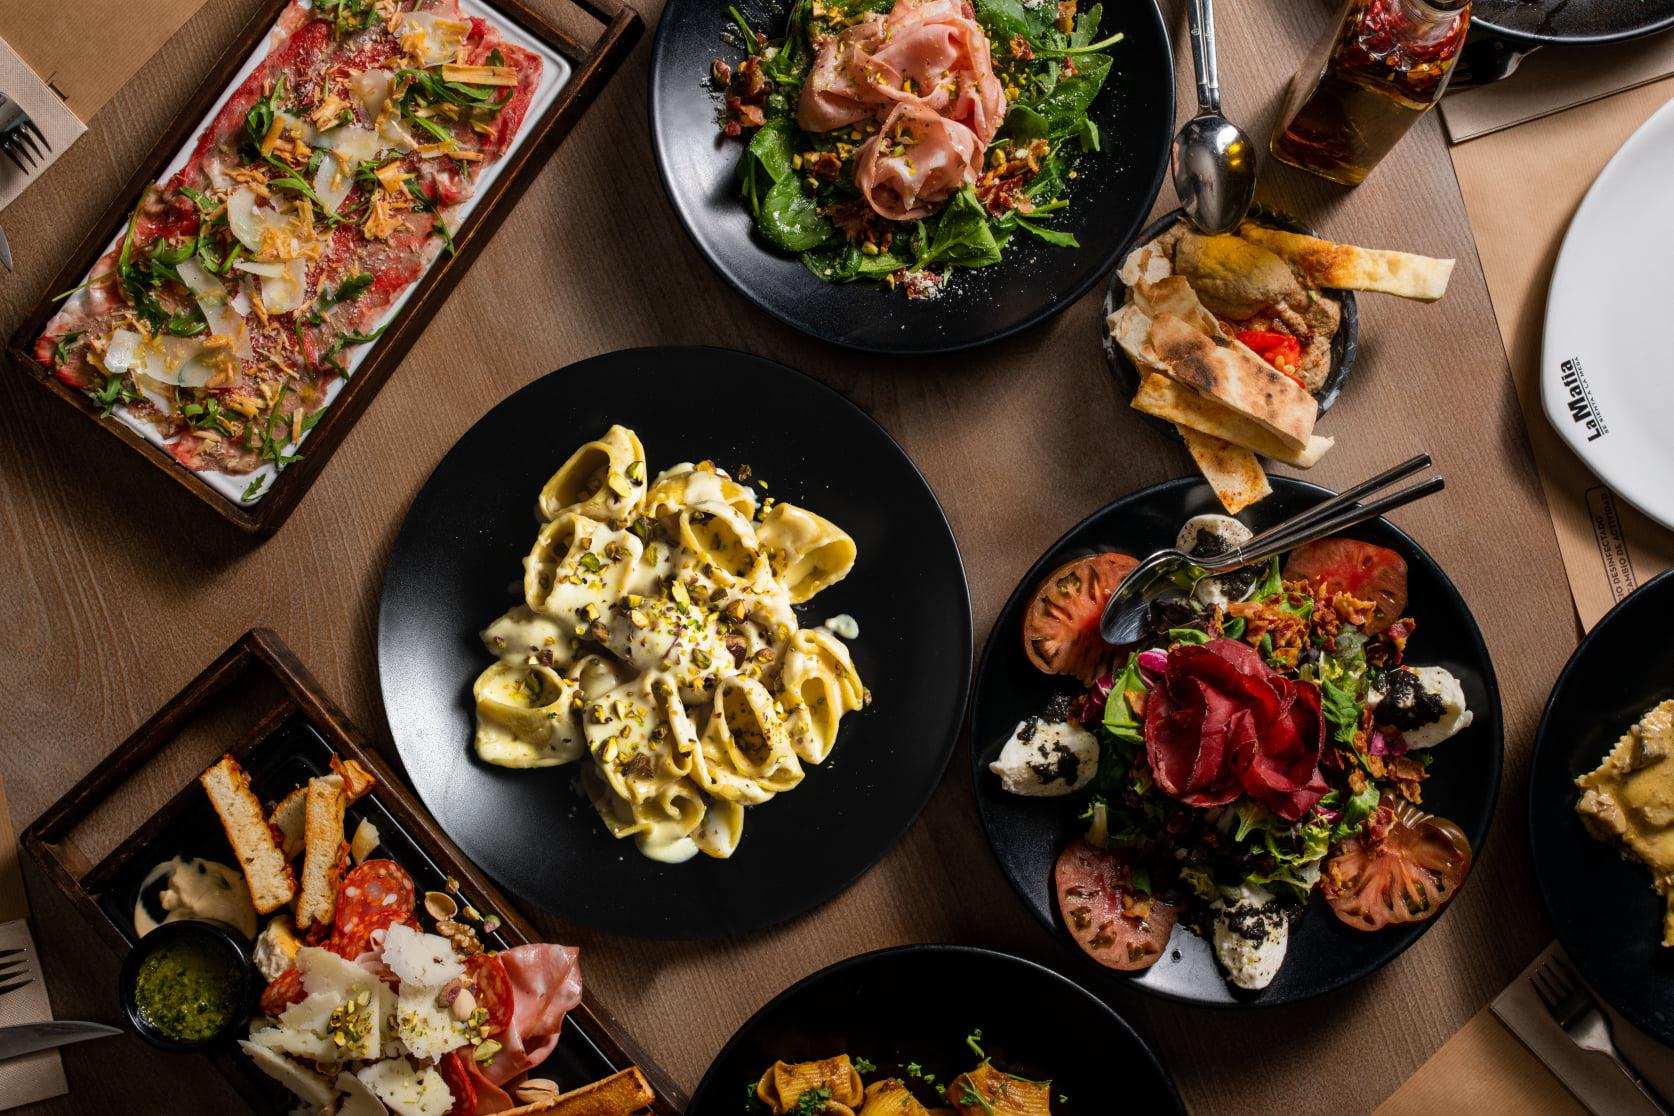 cocina italiana equilibrada y saludable - ¿Ya conoces las ventajas que tiene la cocina italiana?